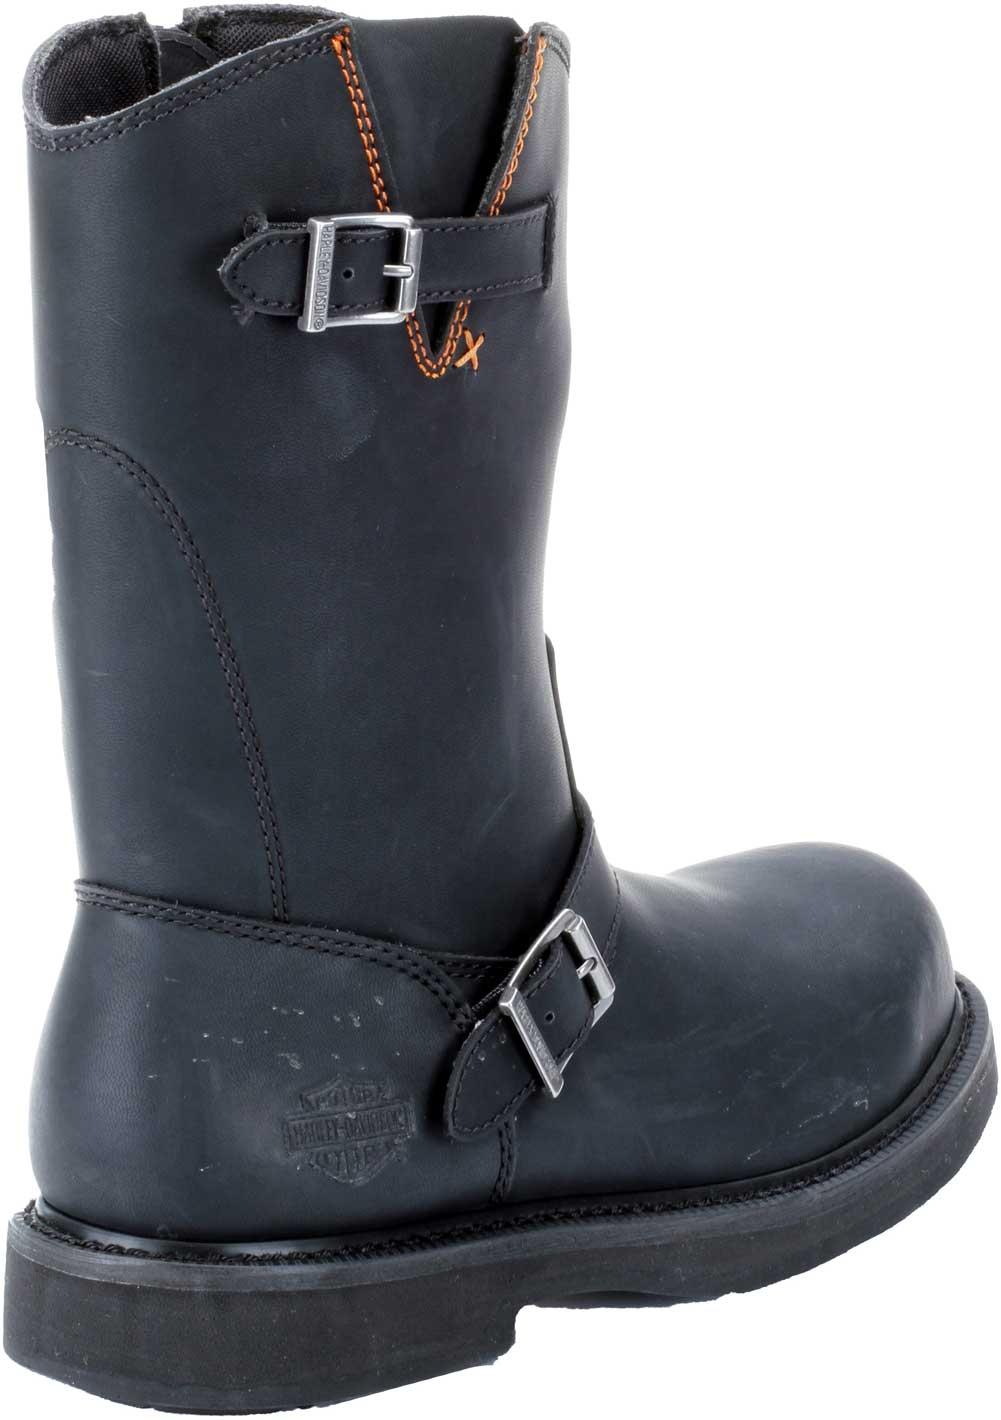 af2f1b768e1 Details about Harley-Davidson Men's Jason Steel Toe 10.25-Inch Black  Motorcycle Boots D93120